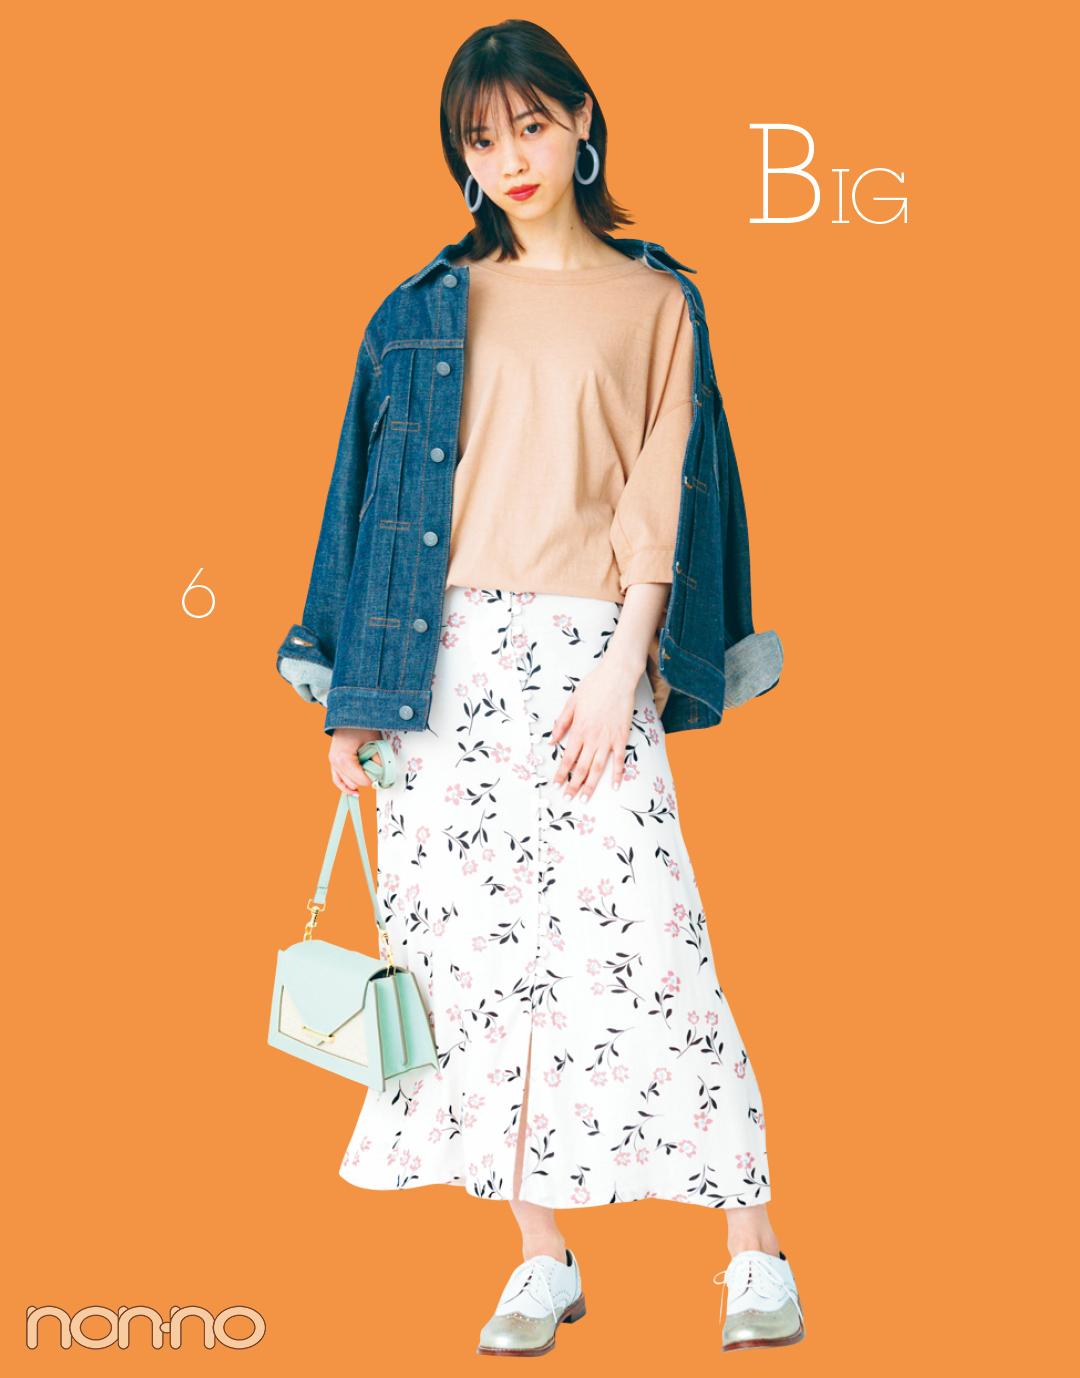 西野七瀬のビッグTシャツ&スモールTシャツ♡ 女っぽコーデバトル!_1_4-4